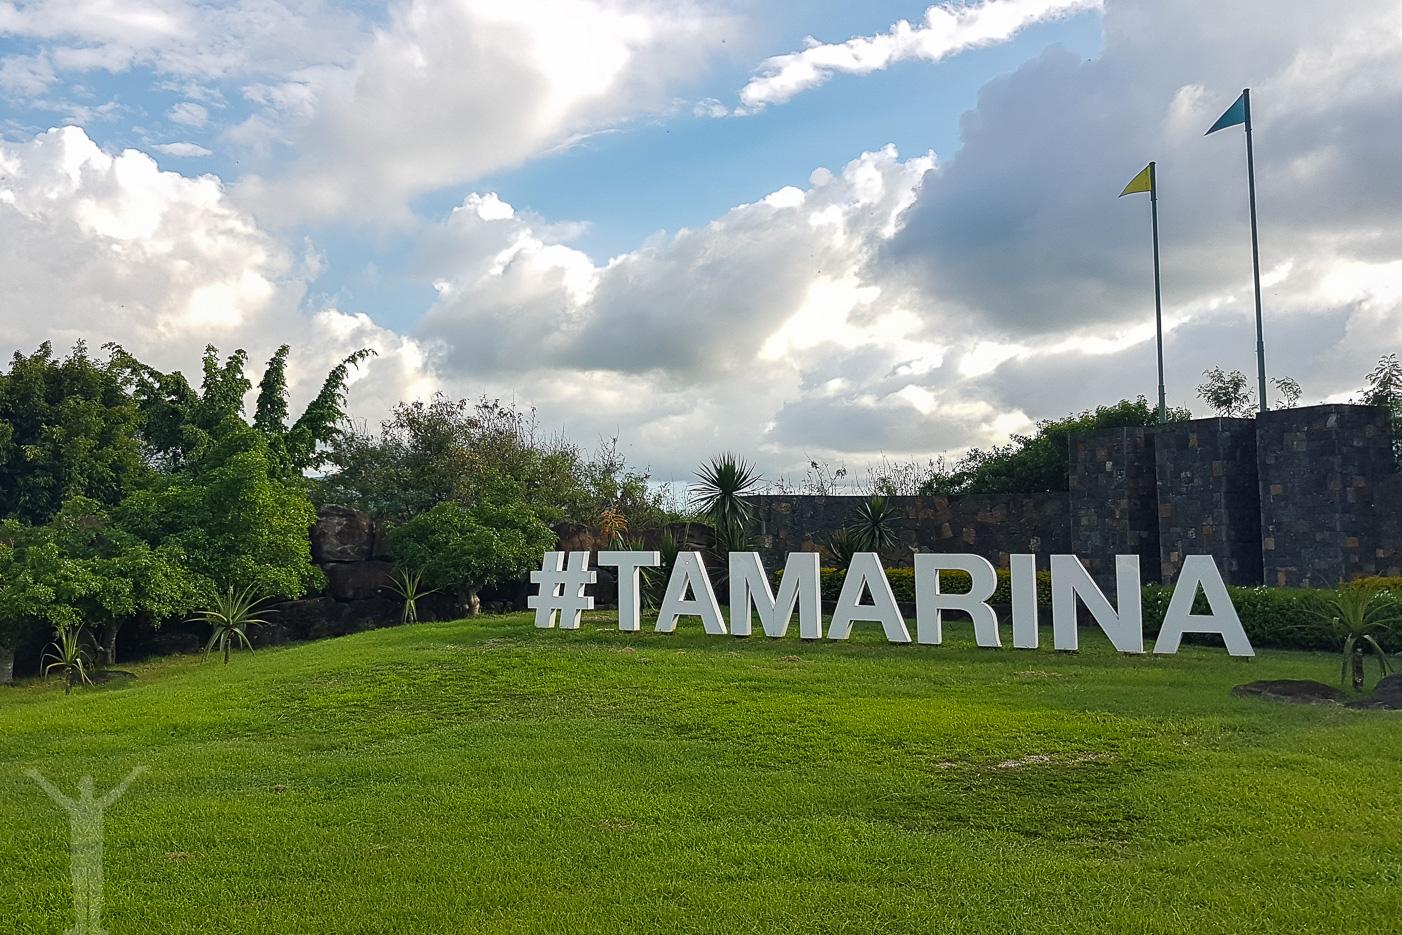 #tamarina